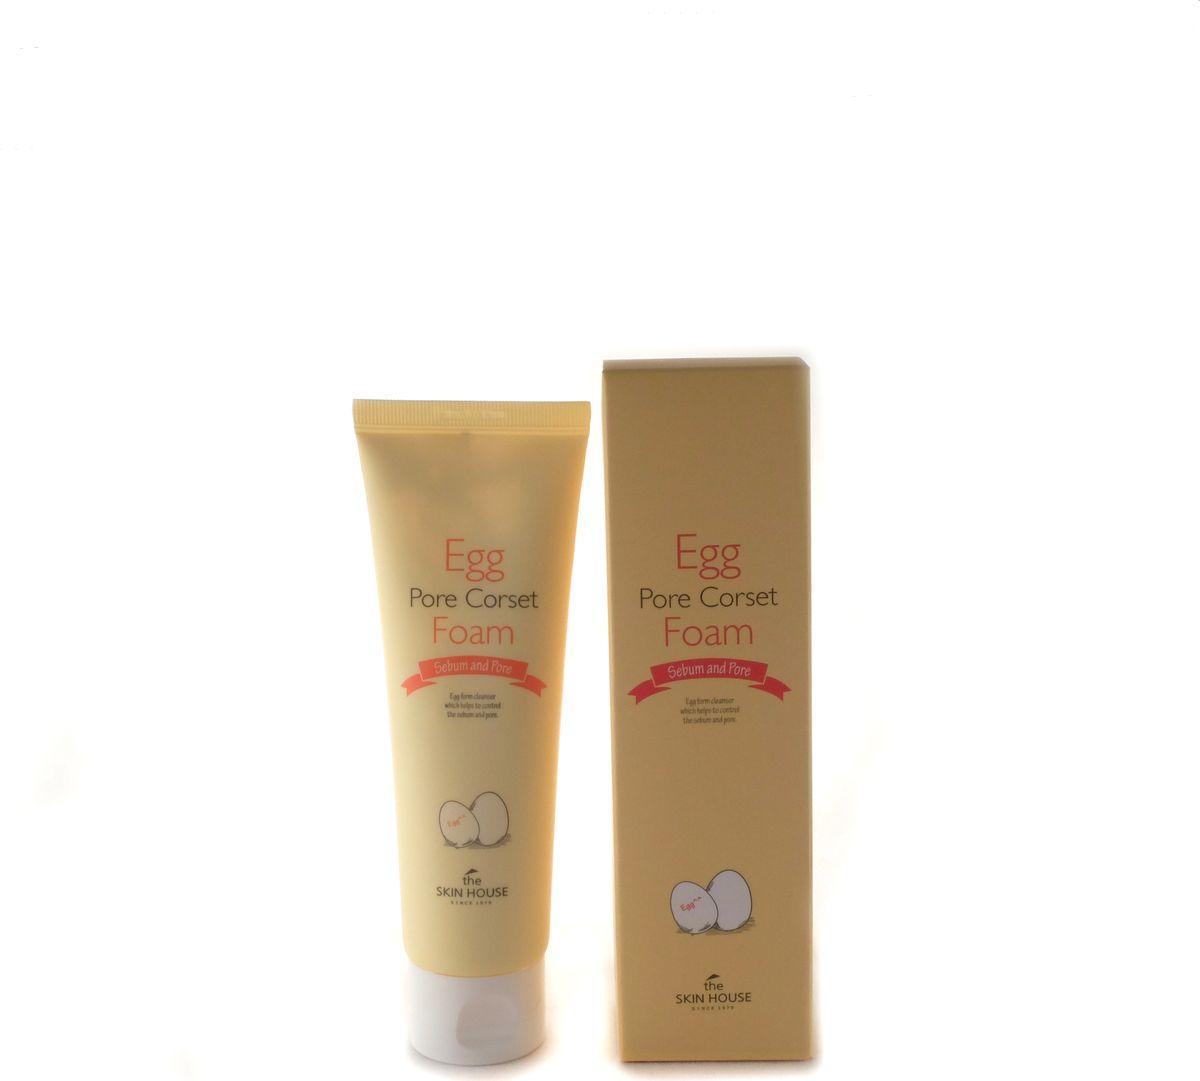 The Skin House Пенка для глубокого очищения и сужения пор, 120 мл4640001812781Пенка с яичным экстрактом глубоко очищает и стягивает поры, разглаживая поверхность кожи, матирует, делает кожу более ровной, светлой и чистой. В условиях суровой городской экологии, наша кожа нуждается в систематическом тщательном очищении. Ее поры часто забиваются загрязнениями, водно-жировой баланс нарушается. Пенка с эффектом стягивания пор Egg Pore Corset Foam мягко вычистит загрязнения из глубины пор, предотвращая нарушения гидролипидного баланса, возникновение черных точек, а также матирует кожу и минимизирует поры. В пенке, помимо яичного экстракта, содержится экстракт чайного дерева, гамамелиса, центеллы азиатской, спирулины и алоэ вера. Алоэ вера успокаивает и увлажняет кожу, гамамелис разглаживает и обновляет, центелла азиатская питает, чайное дерево лечит акне и регулирует работу сальных желез, спирулина выводит из кожи загрязнения и следы тяжелых металлов, содержащихся в атмосферной пыли. В результате применения пенки, кожа очистится изнутри, разгладится, станет матовой и чистой, как фарфор.